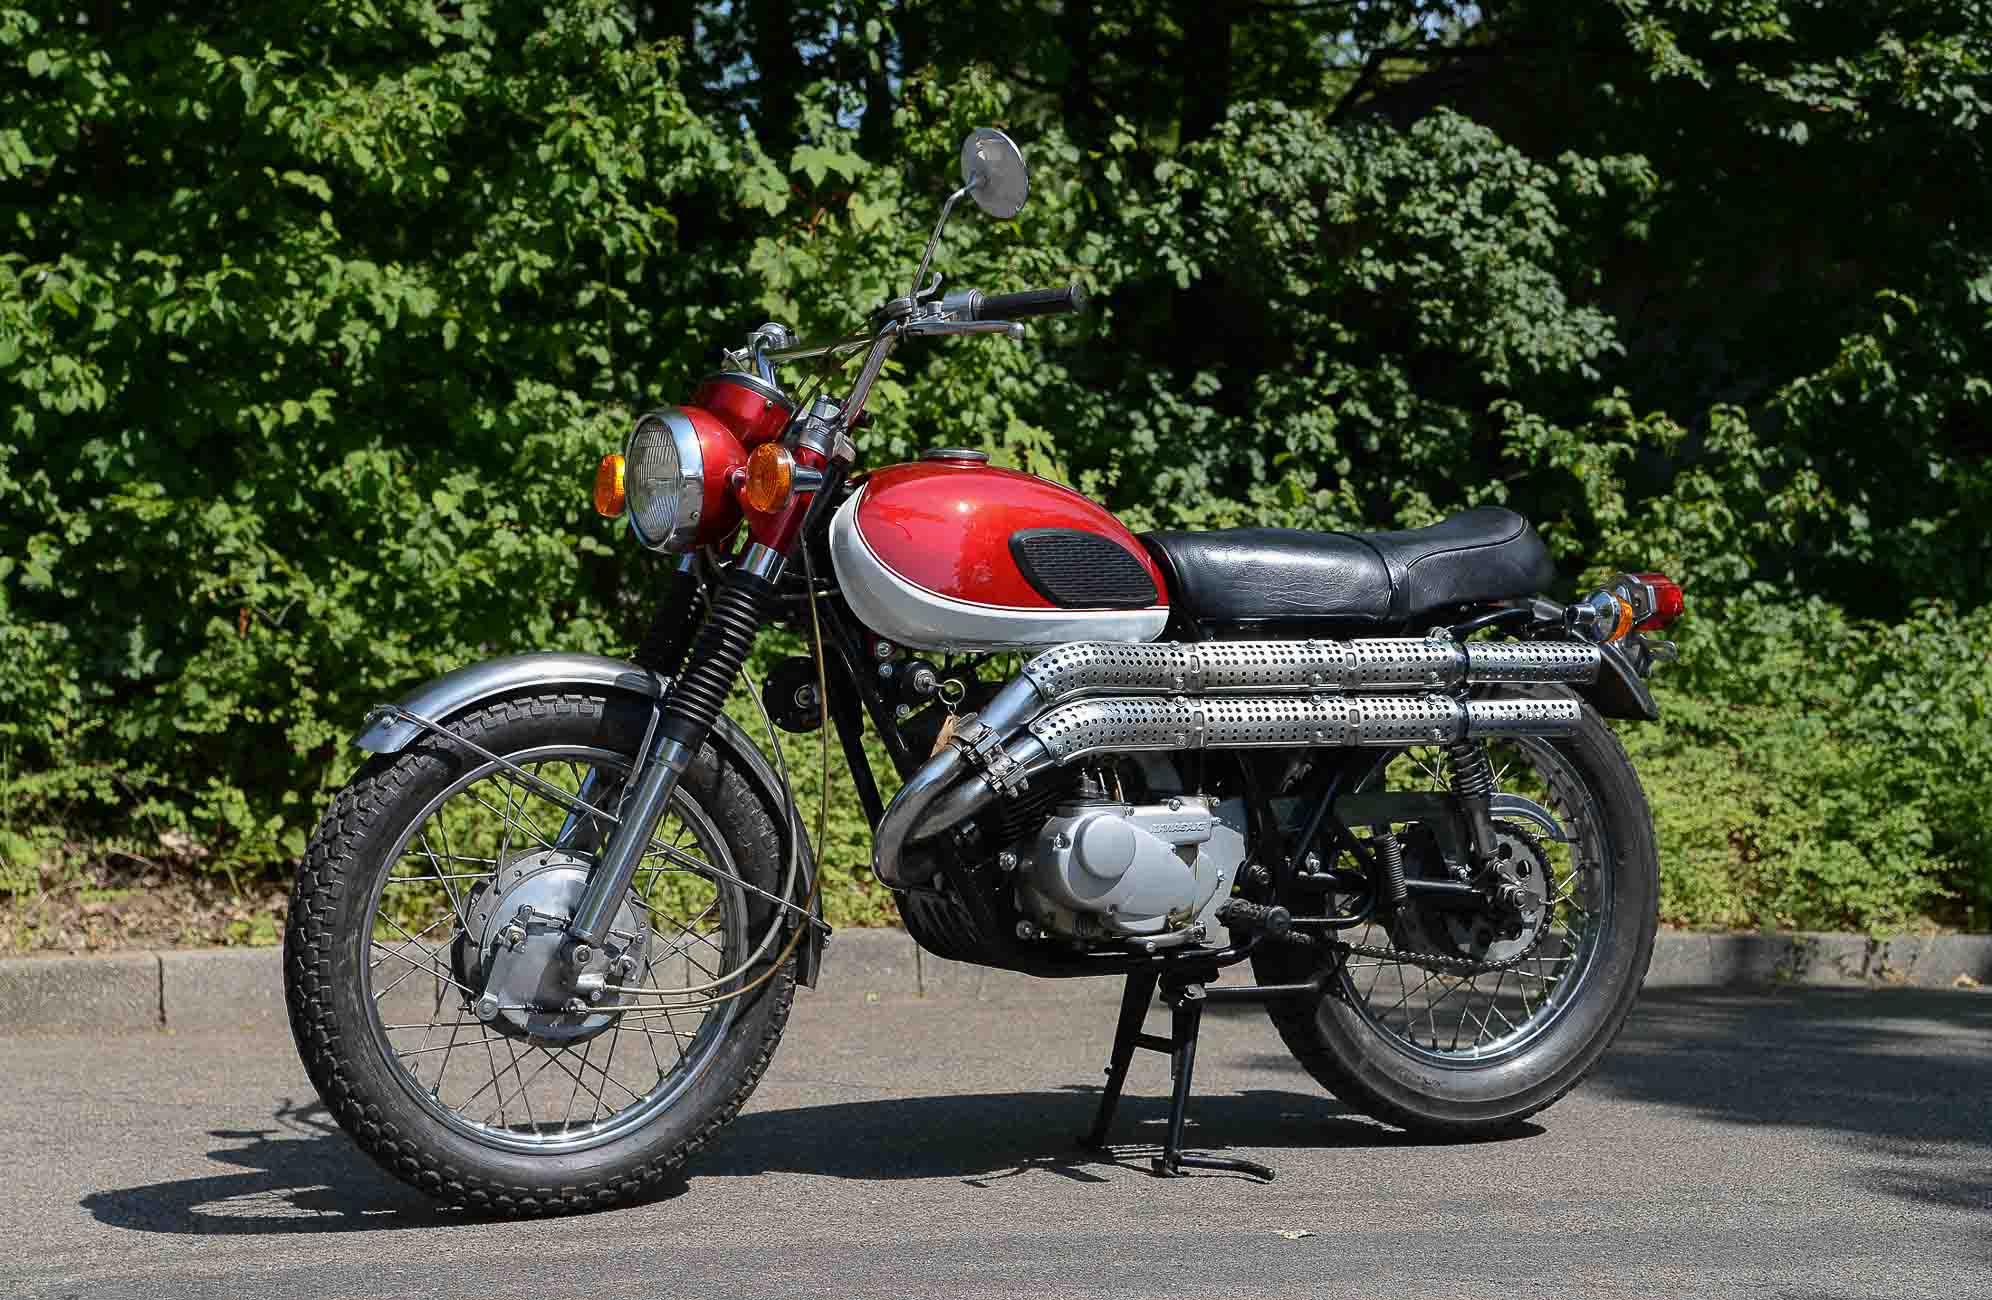 KAWASAKI 250 A1 (1966-1971)